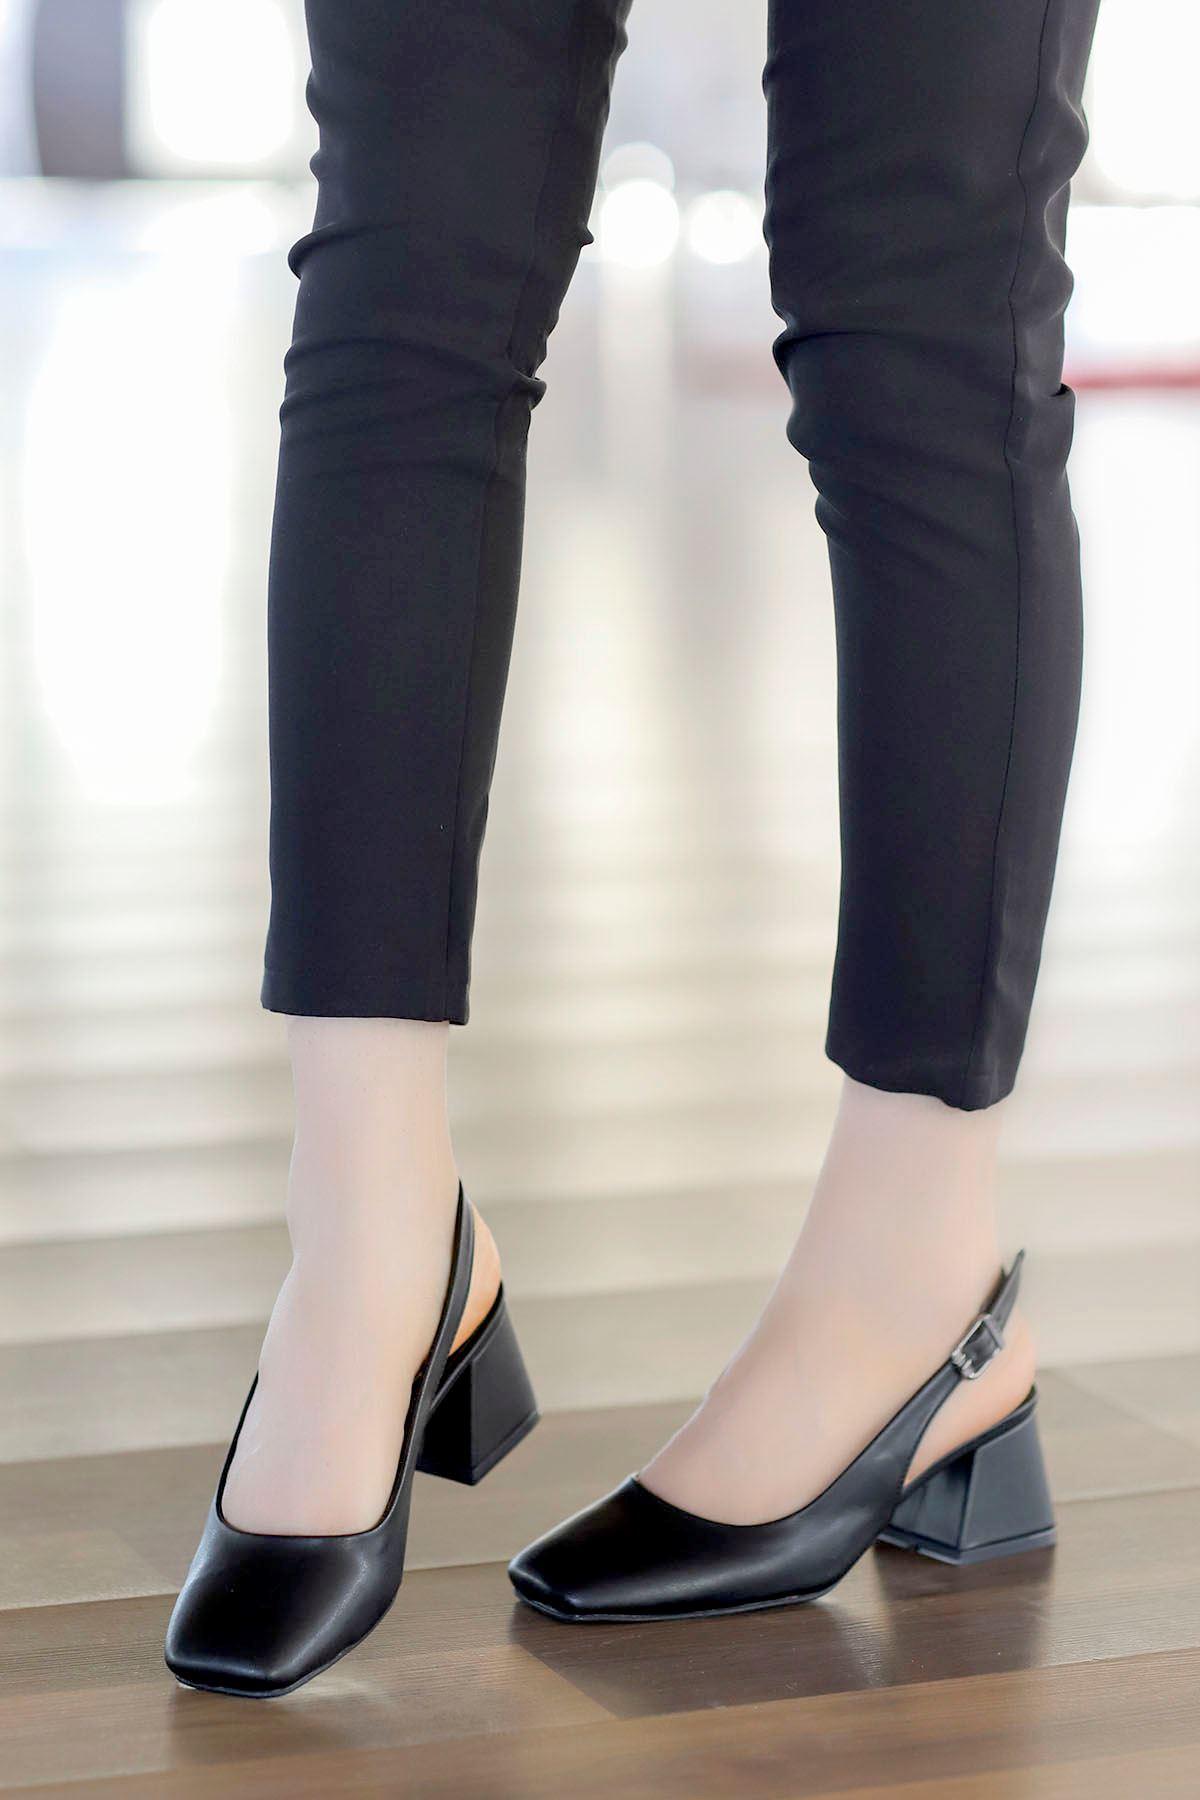 Mabel Arka Açık Topuklu Ayakkabı Siyah Deri